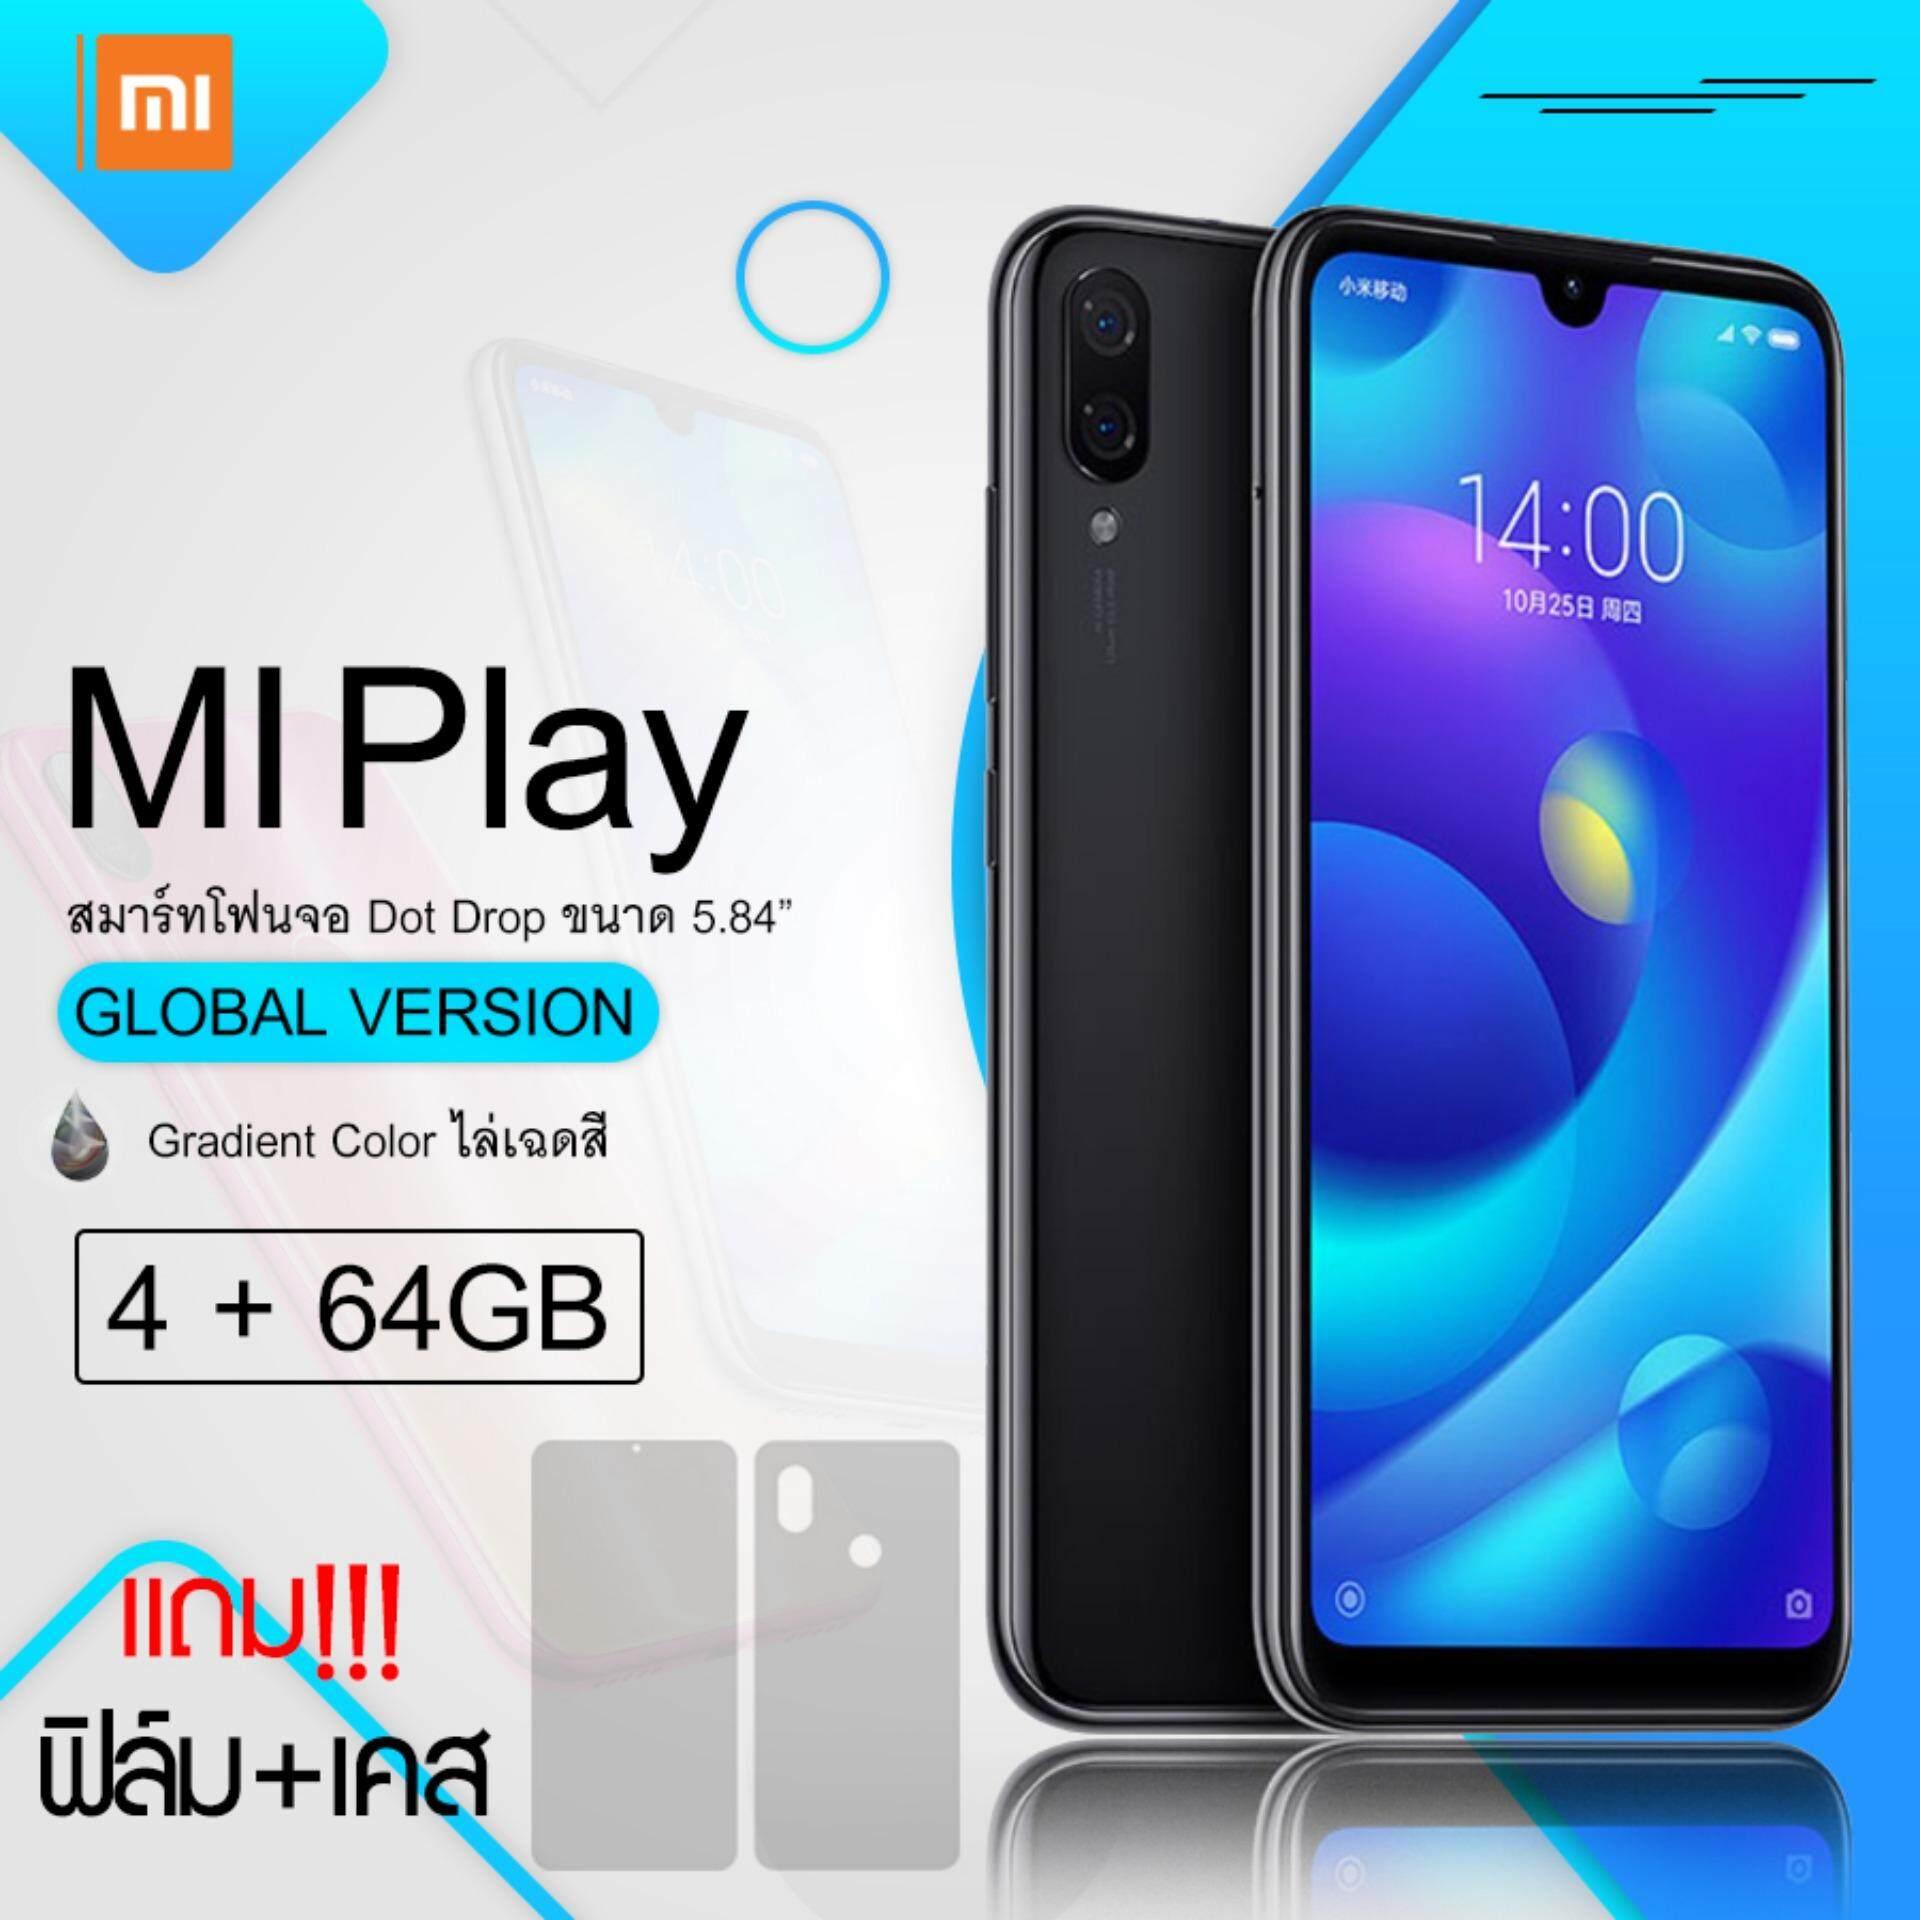 หนองบัวลำภู Xiaomi Mi Play 4/64GB MediaTek Helio P35 / 2.3 GHz / 3000 mAh [รับประกัน 1 ปี]